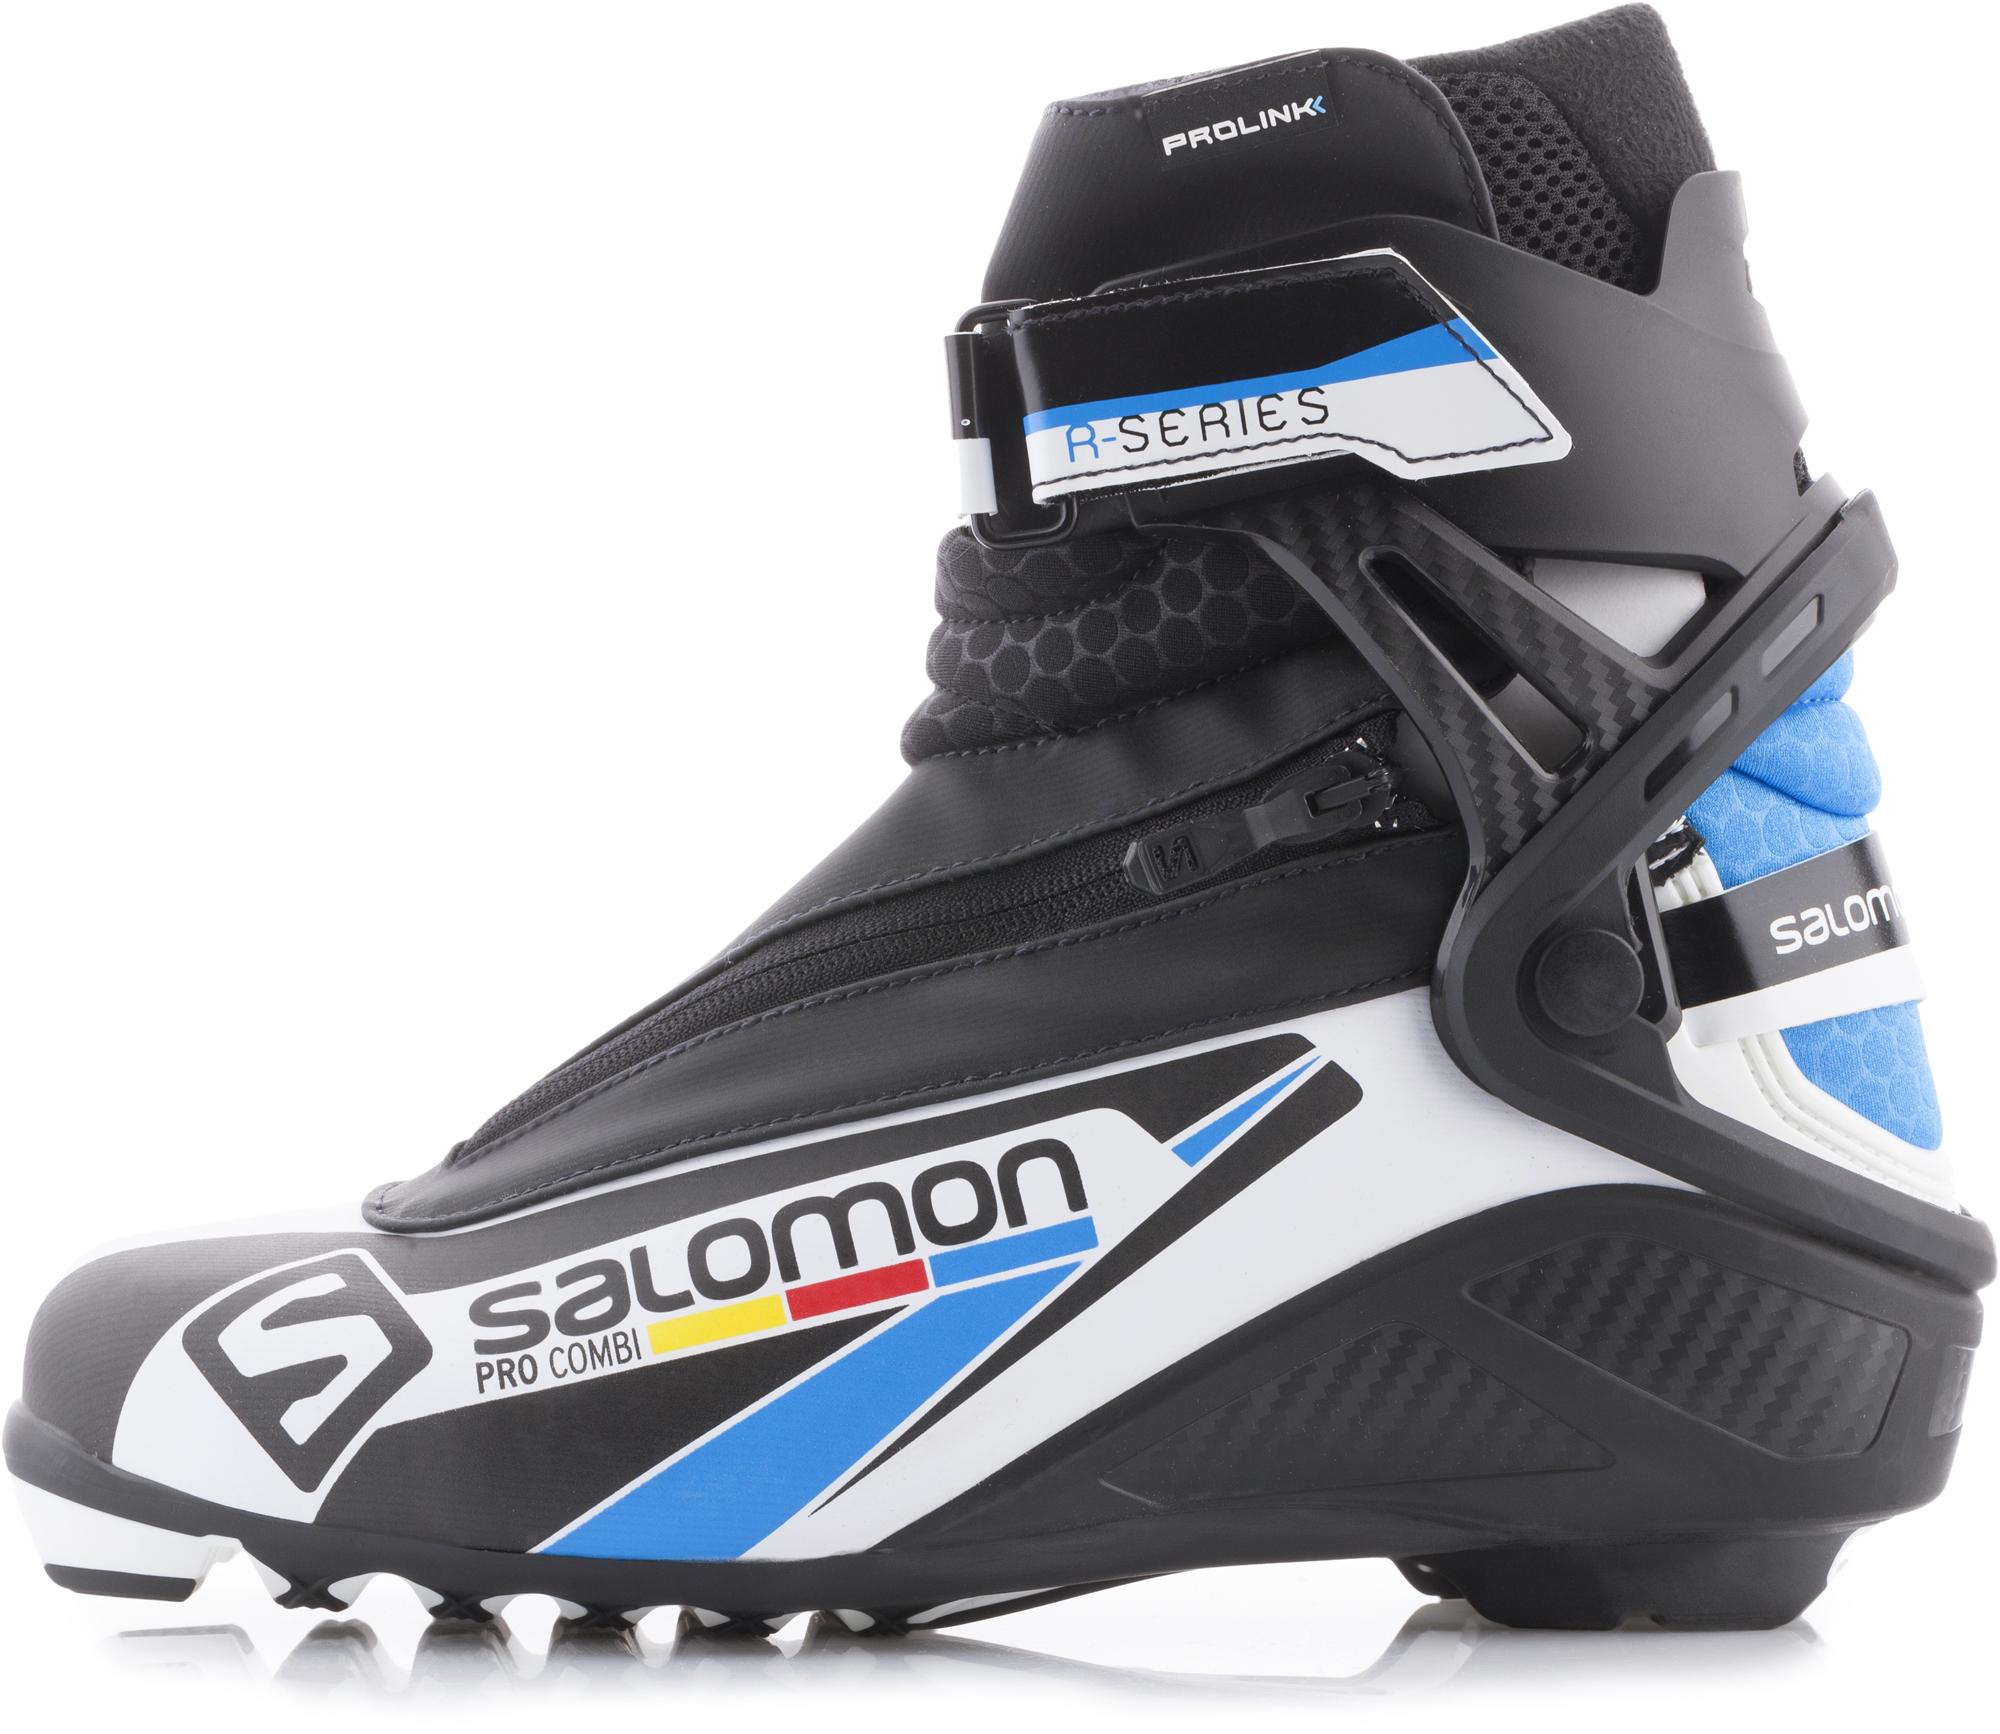 Salomon Ботинки для беговых лыж Salomon Pro Combi Prolink, размер 42 salomon крепления для лыж salomon prolink auto